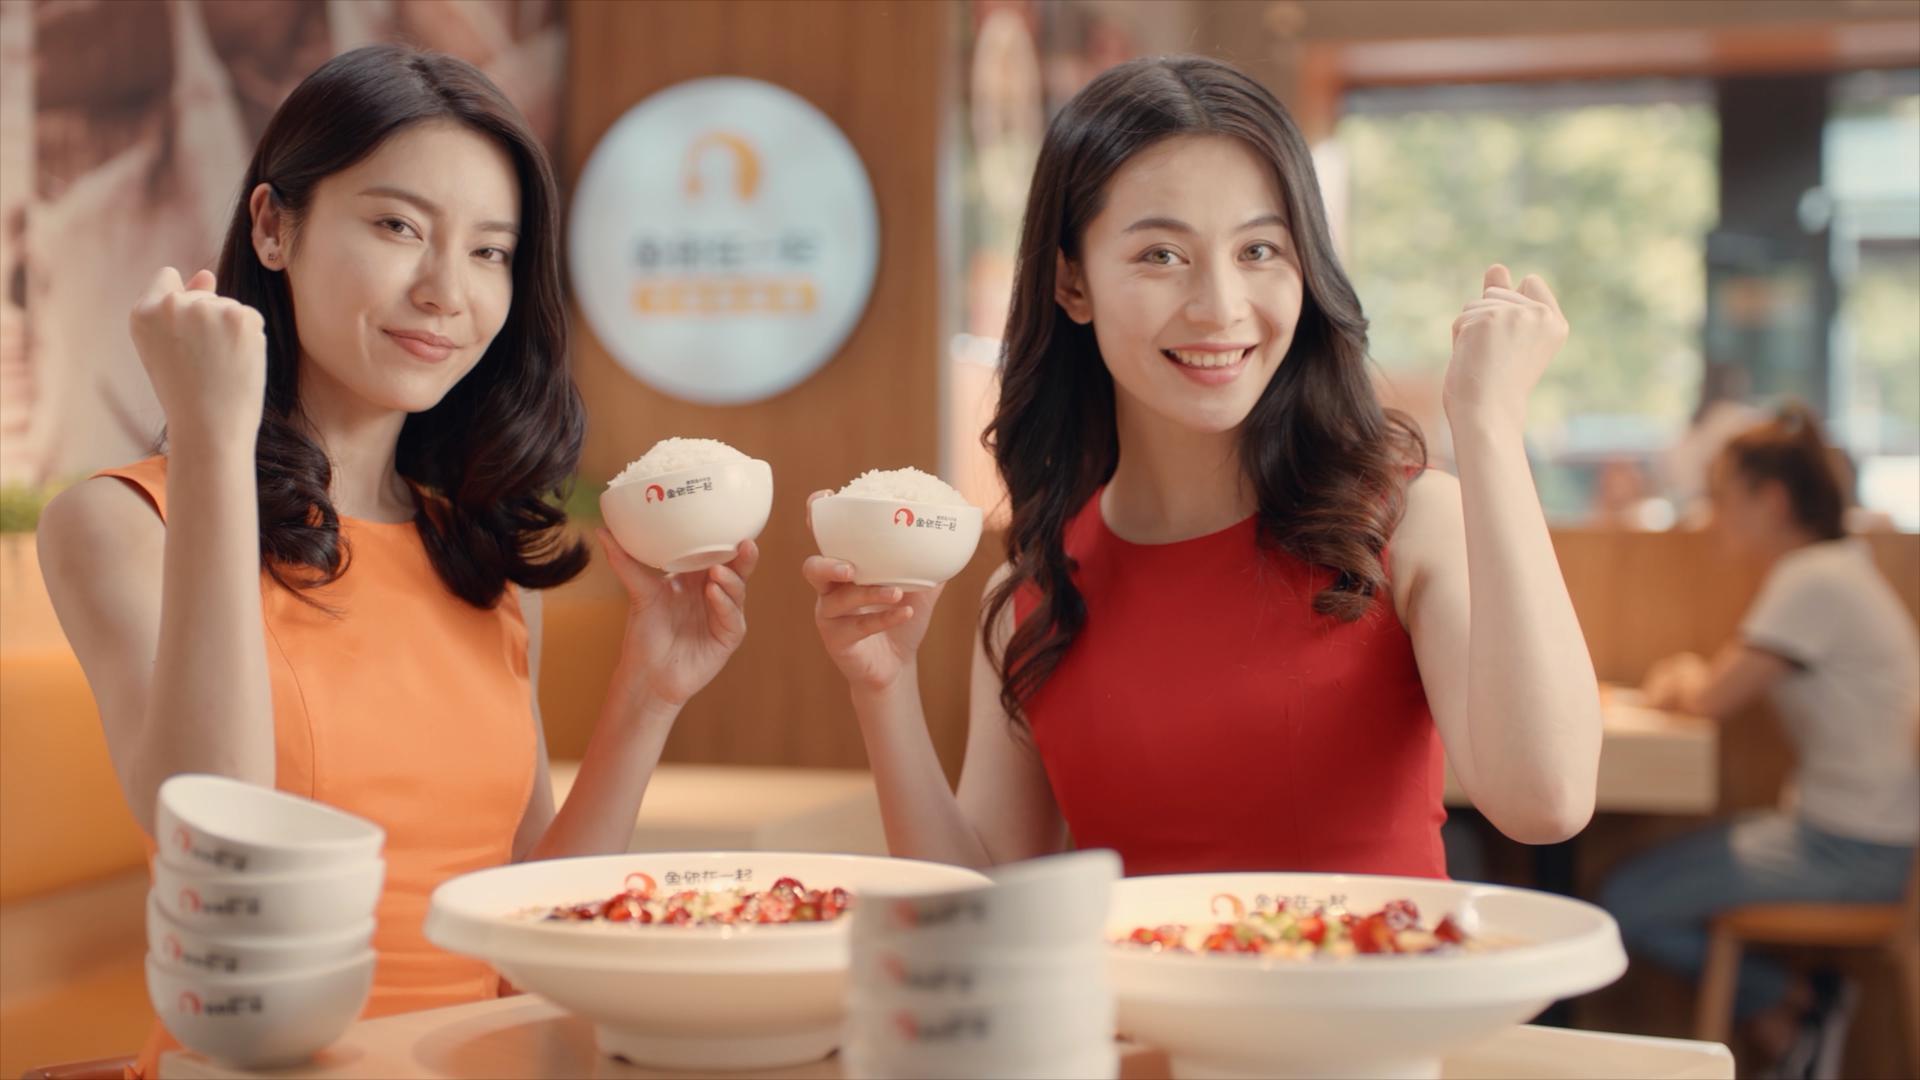 鱼你在一起爆红基因:可外卖的小份制快餐酸菜鱼